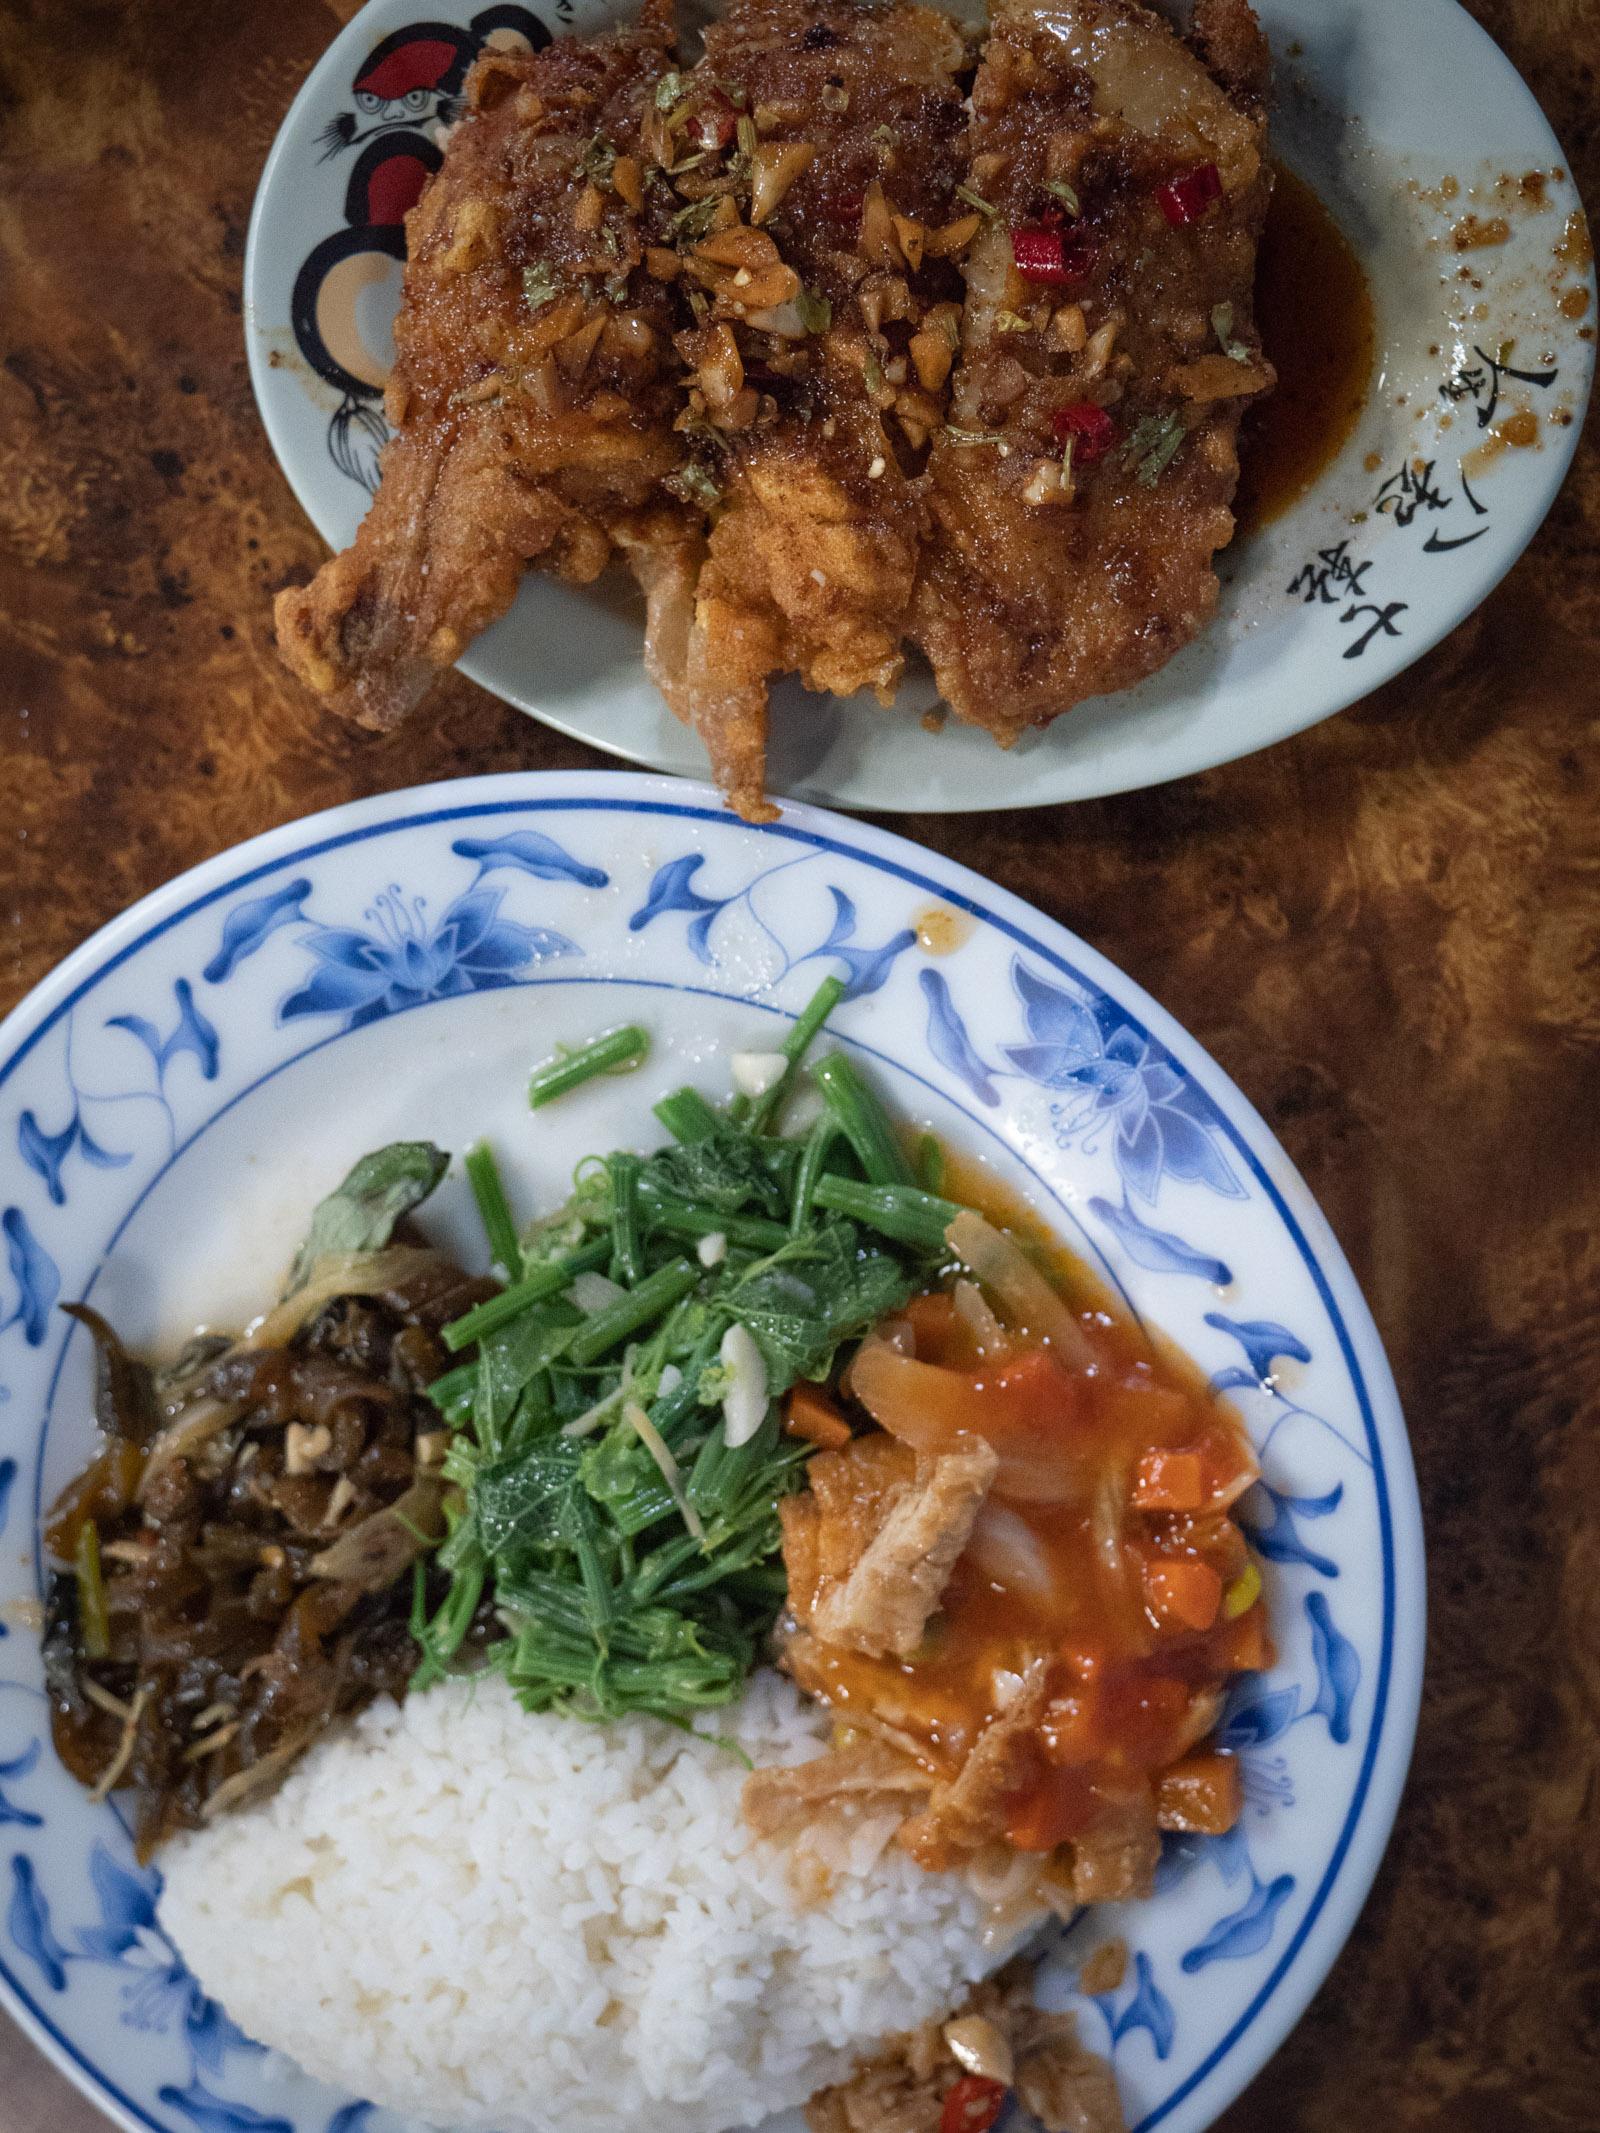 「69小館」の椒麻脆皮雞腿セット全景 ご飯+副菜、主菜の2皿